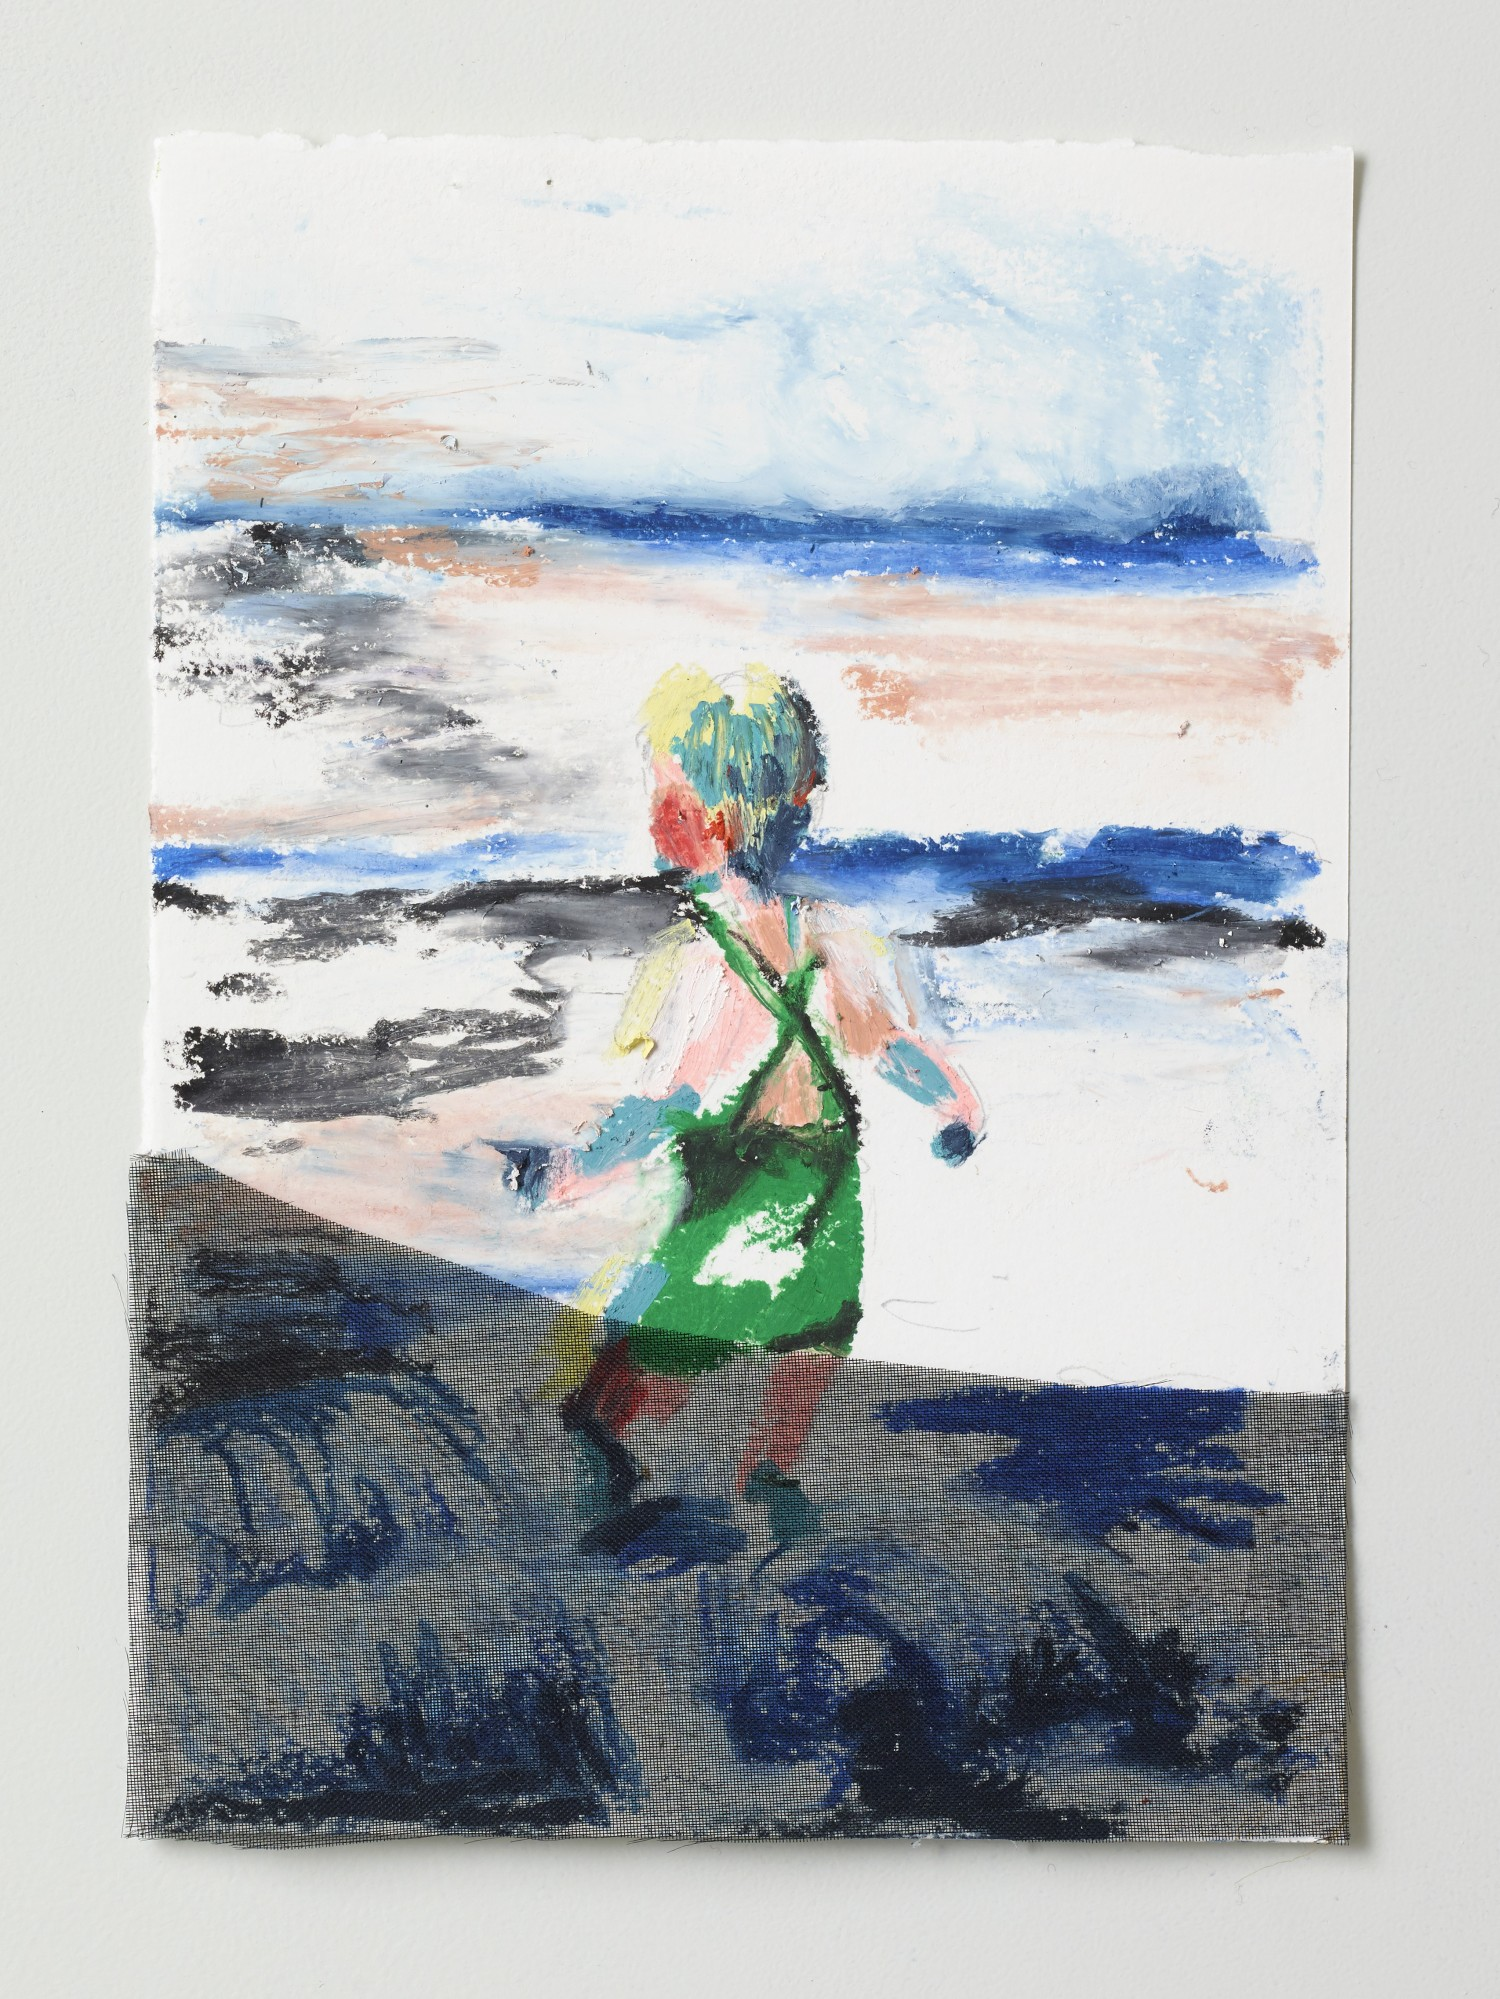 Børnetegning 2/28 (Kidsdrawing), 14 x 17 cm, 2015